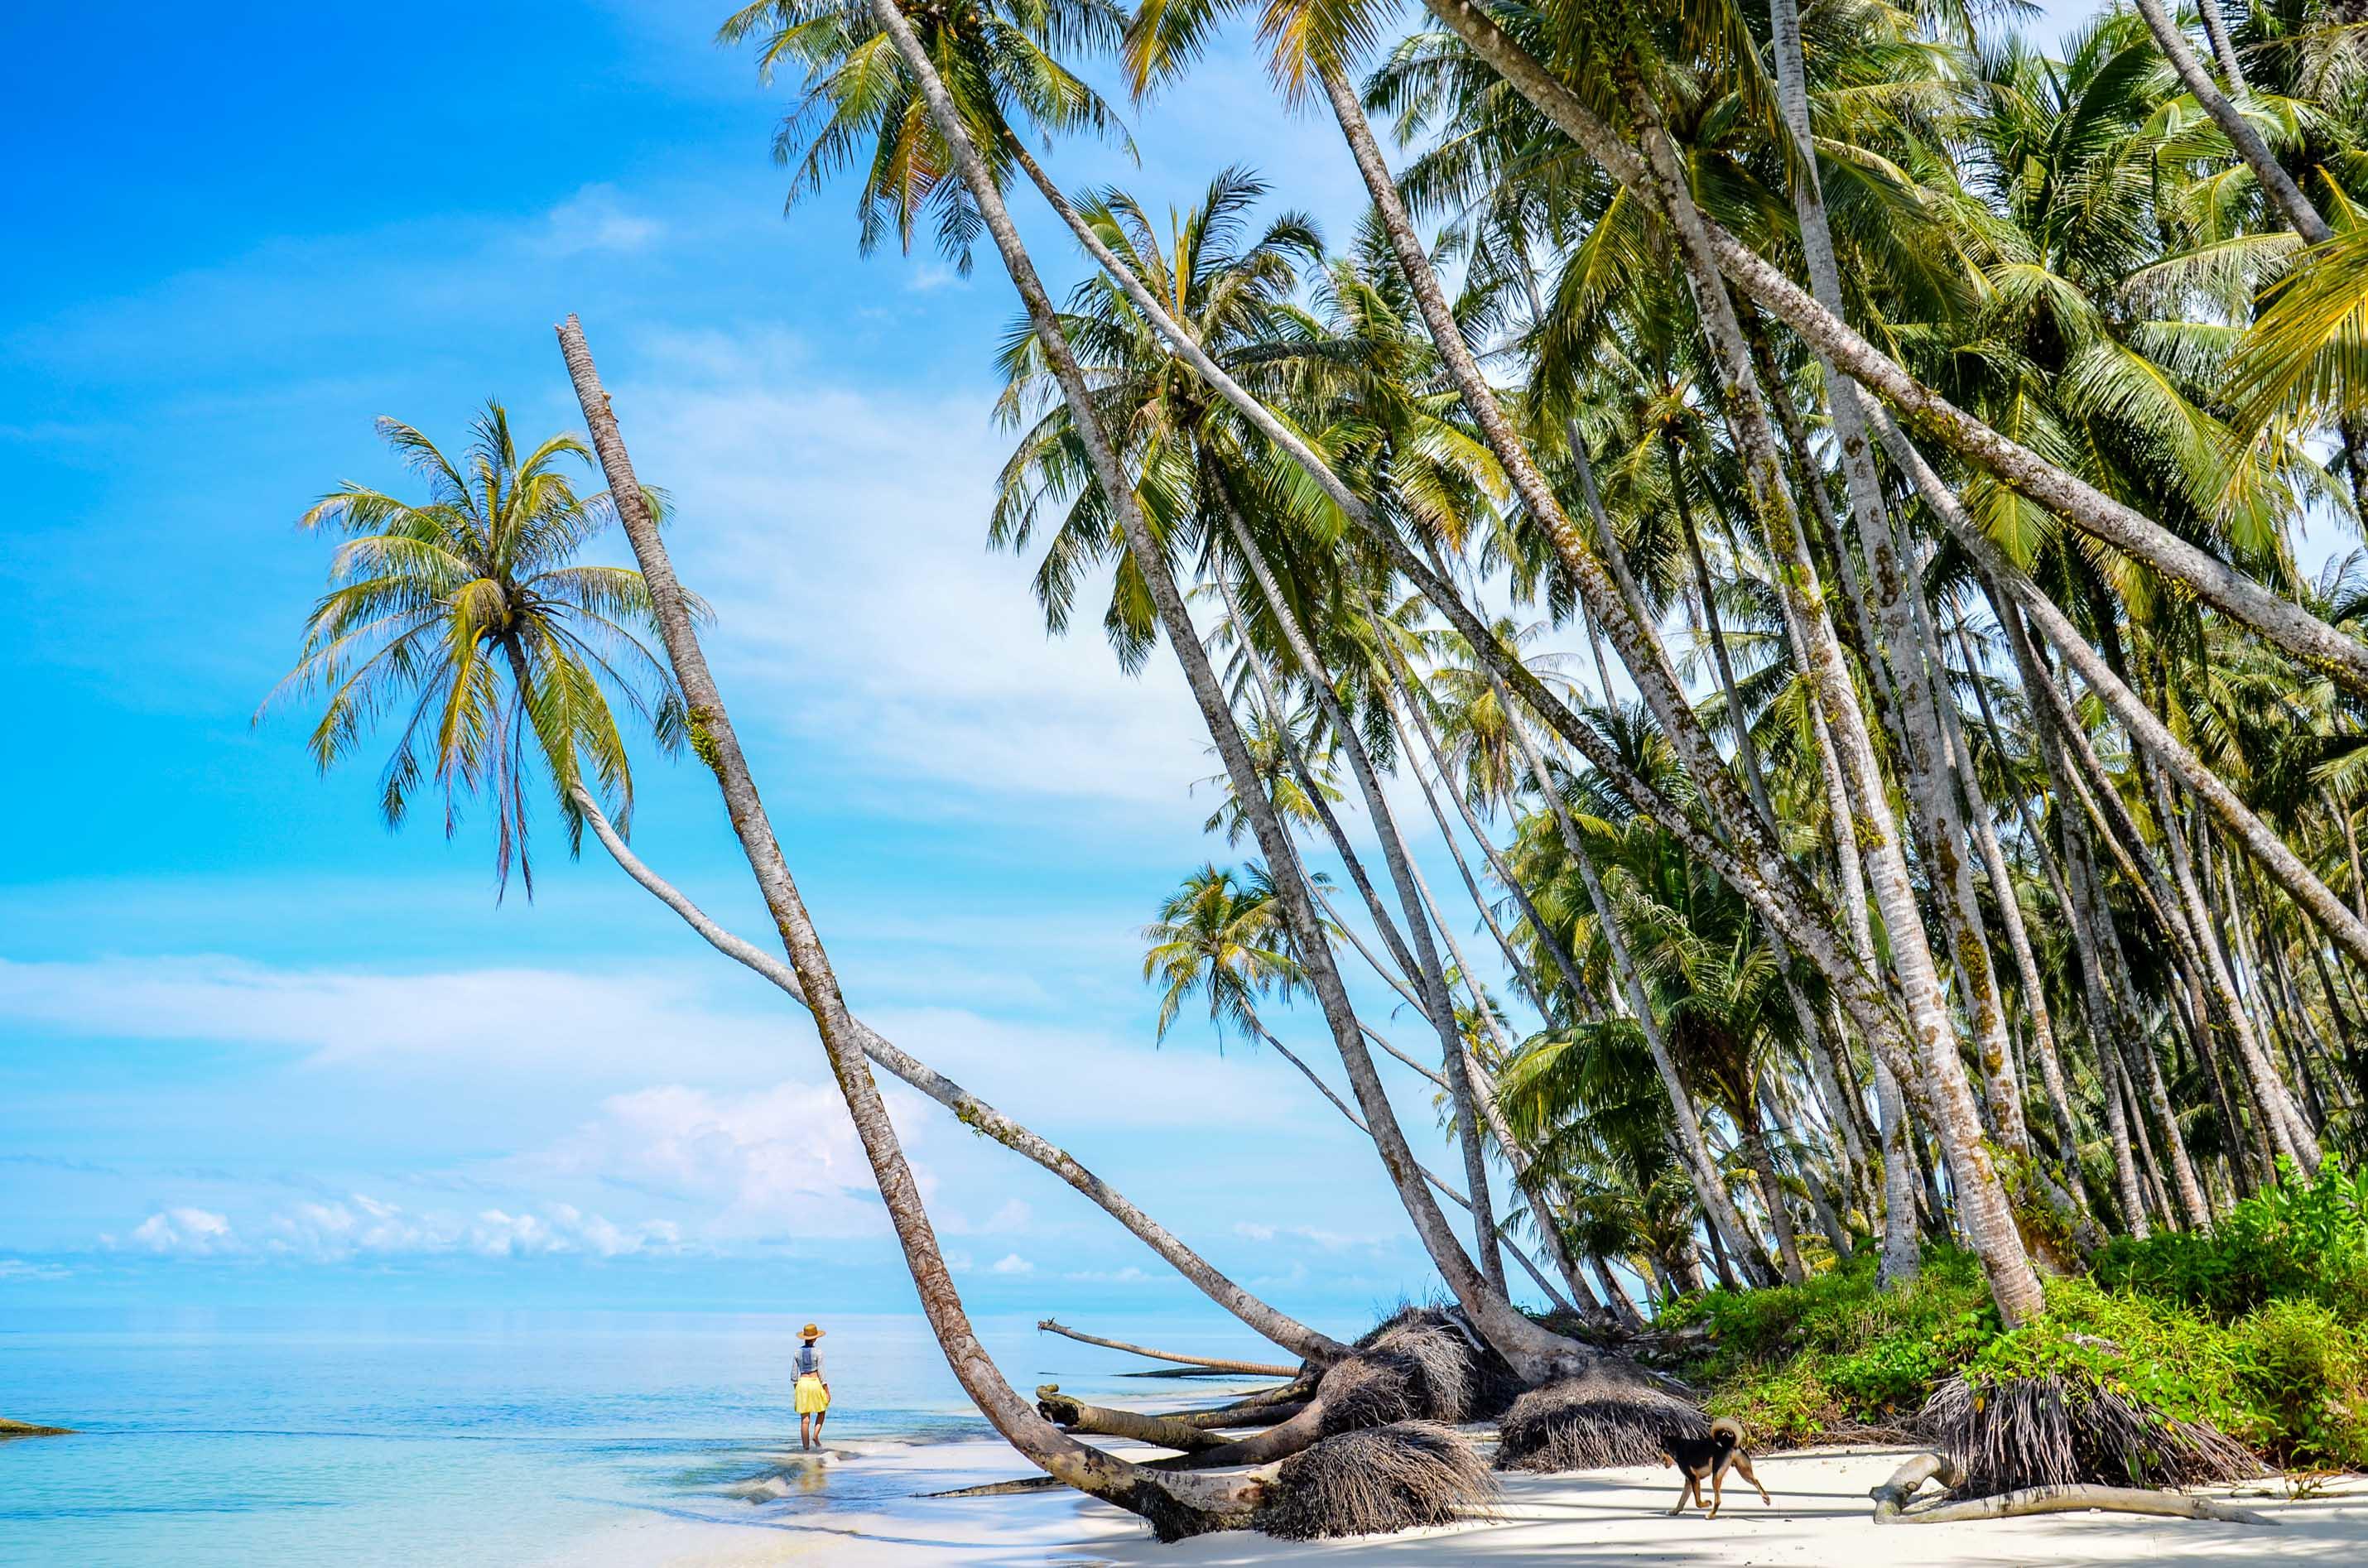 Najbardziej rajska ze znanych nam plaż. Sikandang, Indonezja.